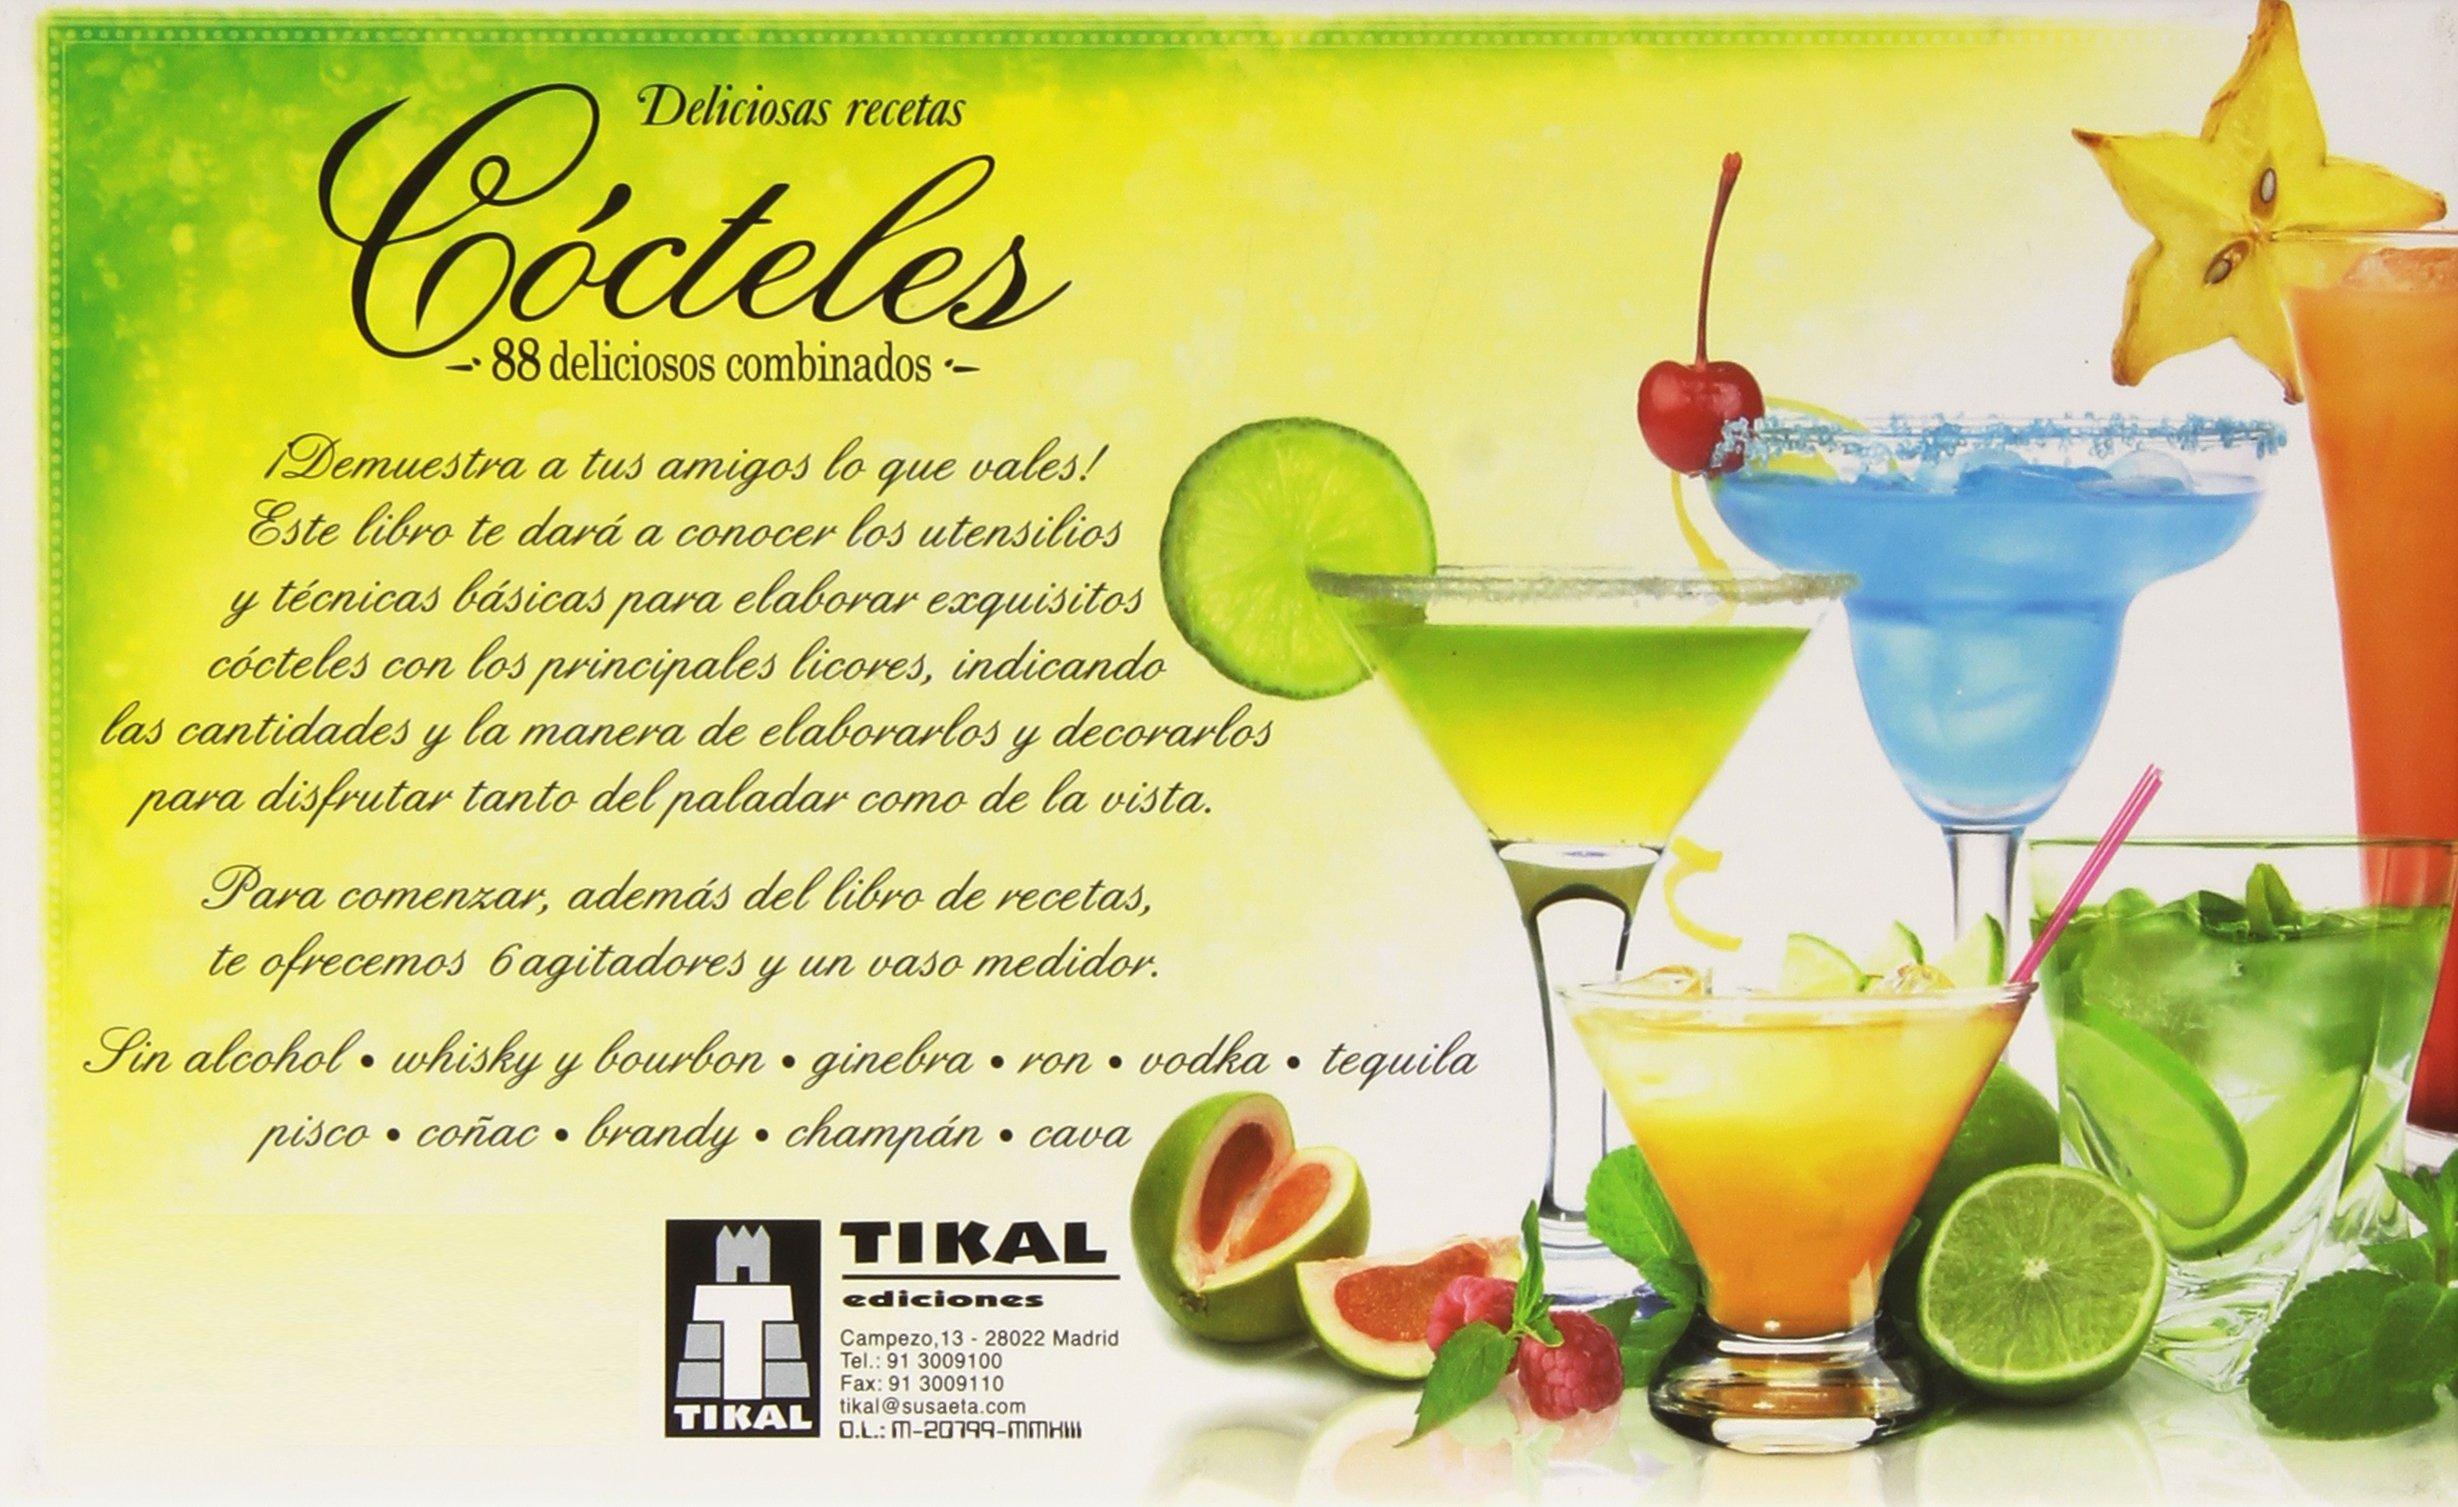 Cócteles (Deliciosas recetas): Amazon.es: Tikal, Equipo: Libros